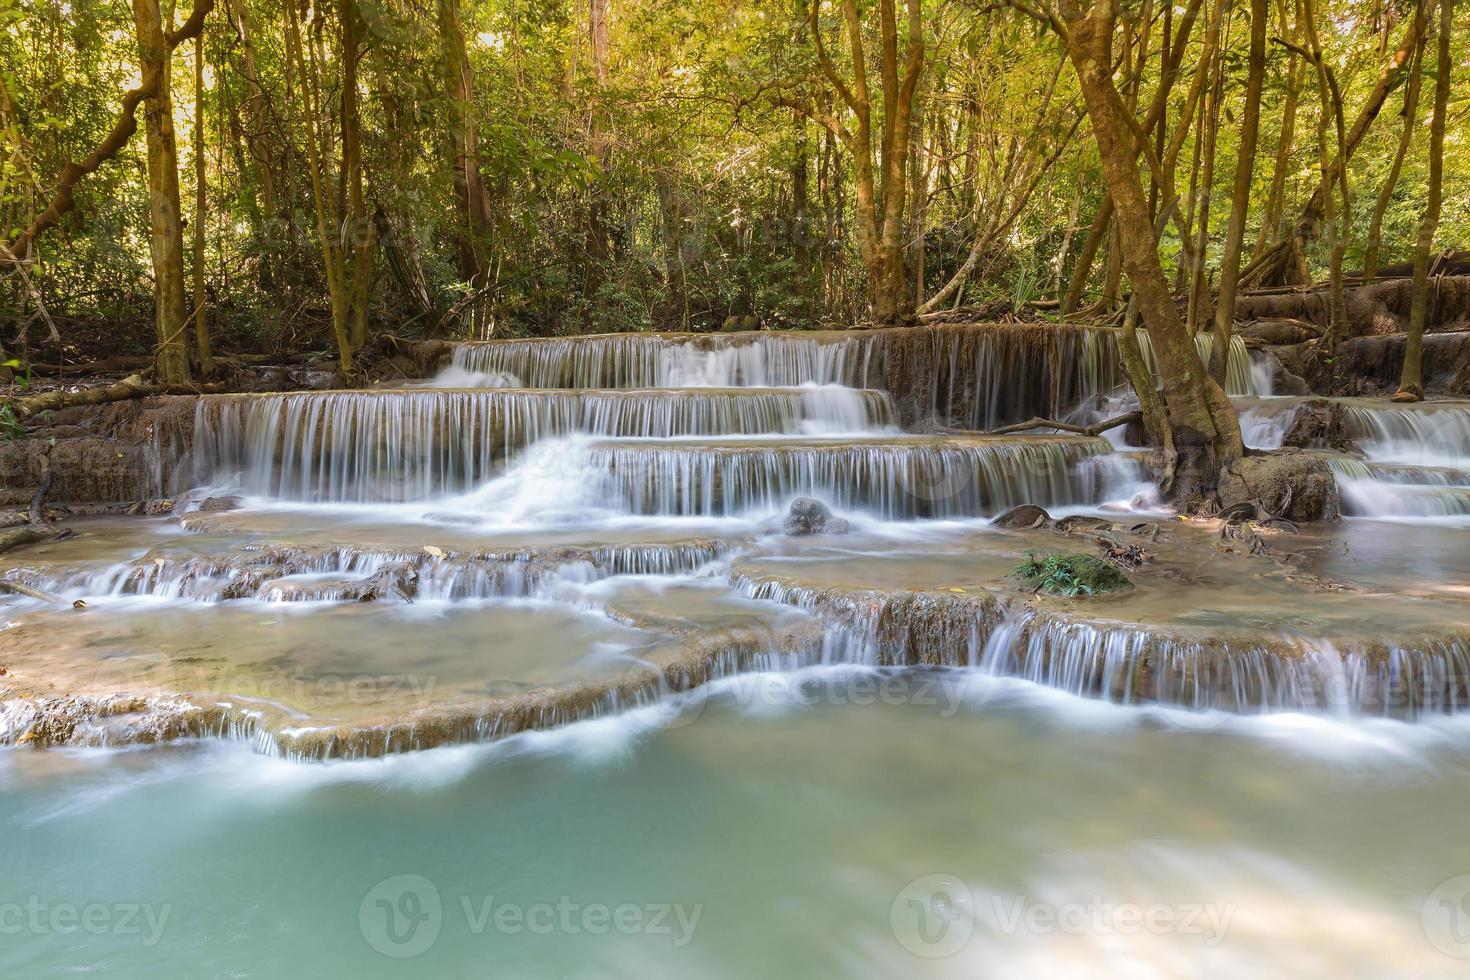 belle vue sur le paysage des chutes d'eau du ruisseau bleu photo